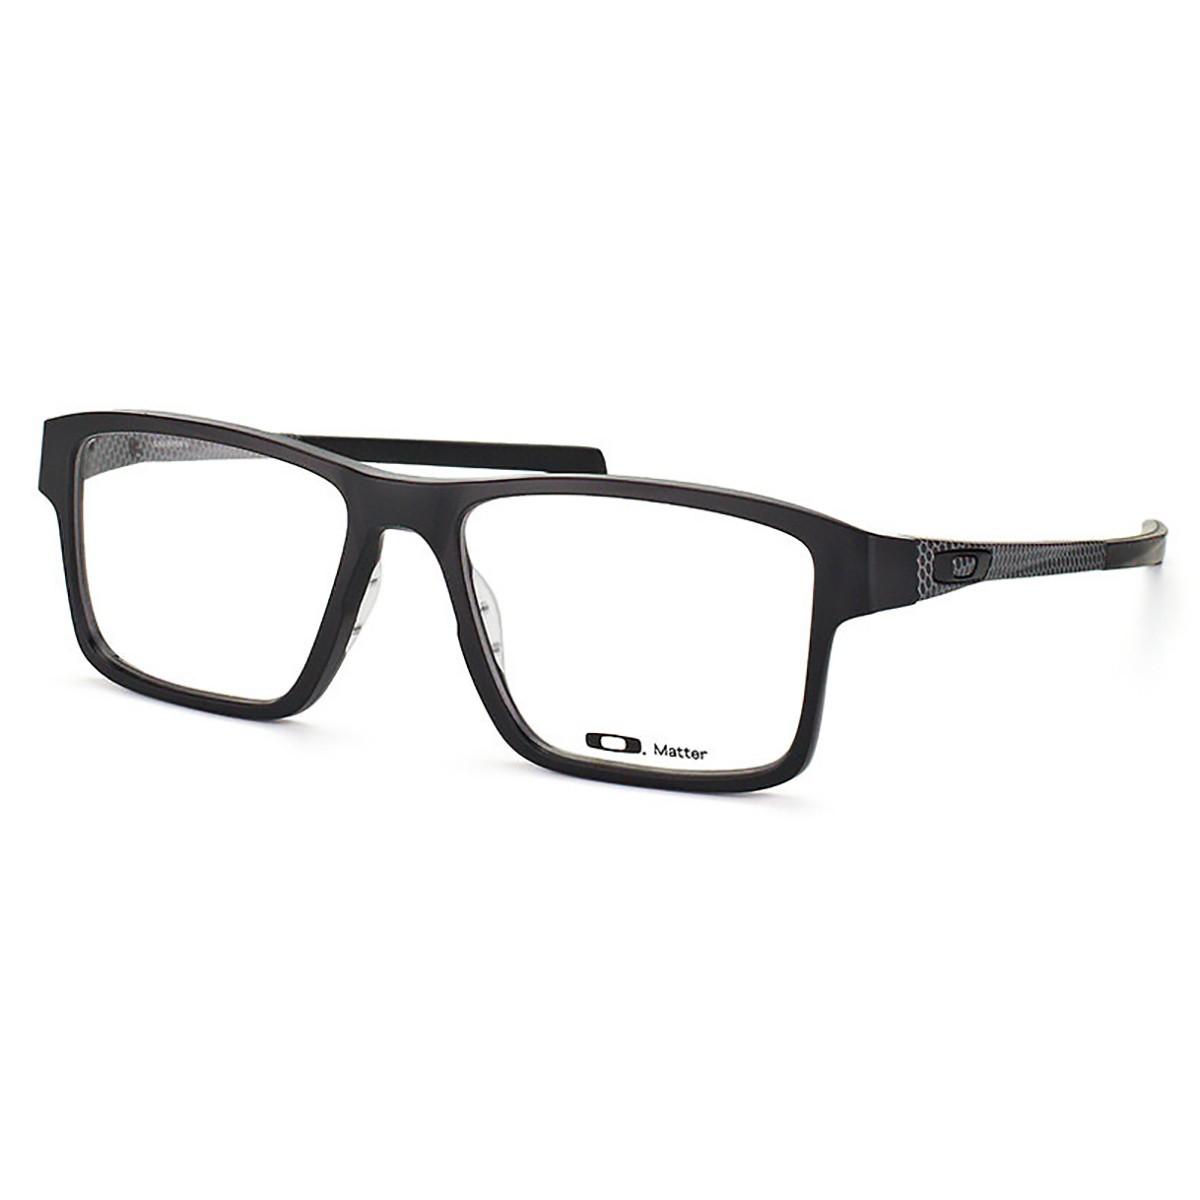 Compre Óculos de Grau Oakley Chamfer ll em 10X   Tri-Jóia Shop 0ed724d879